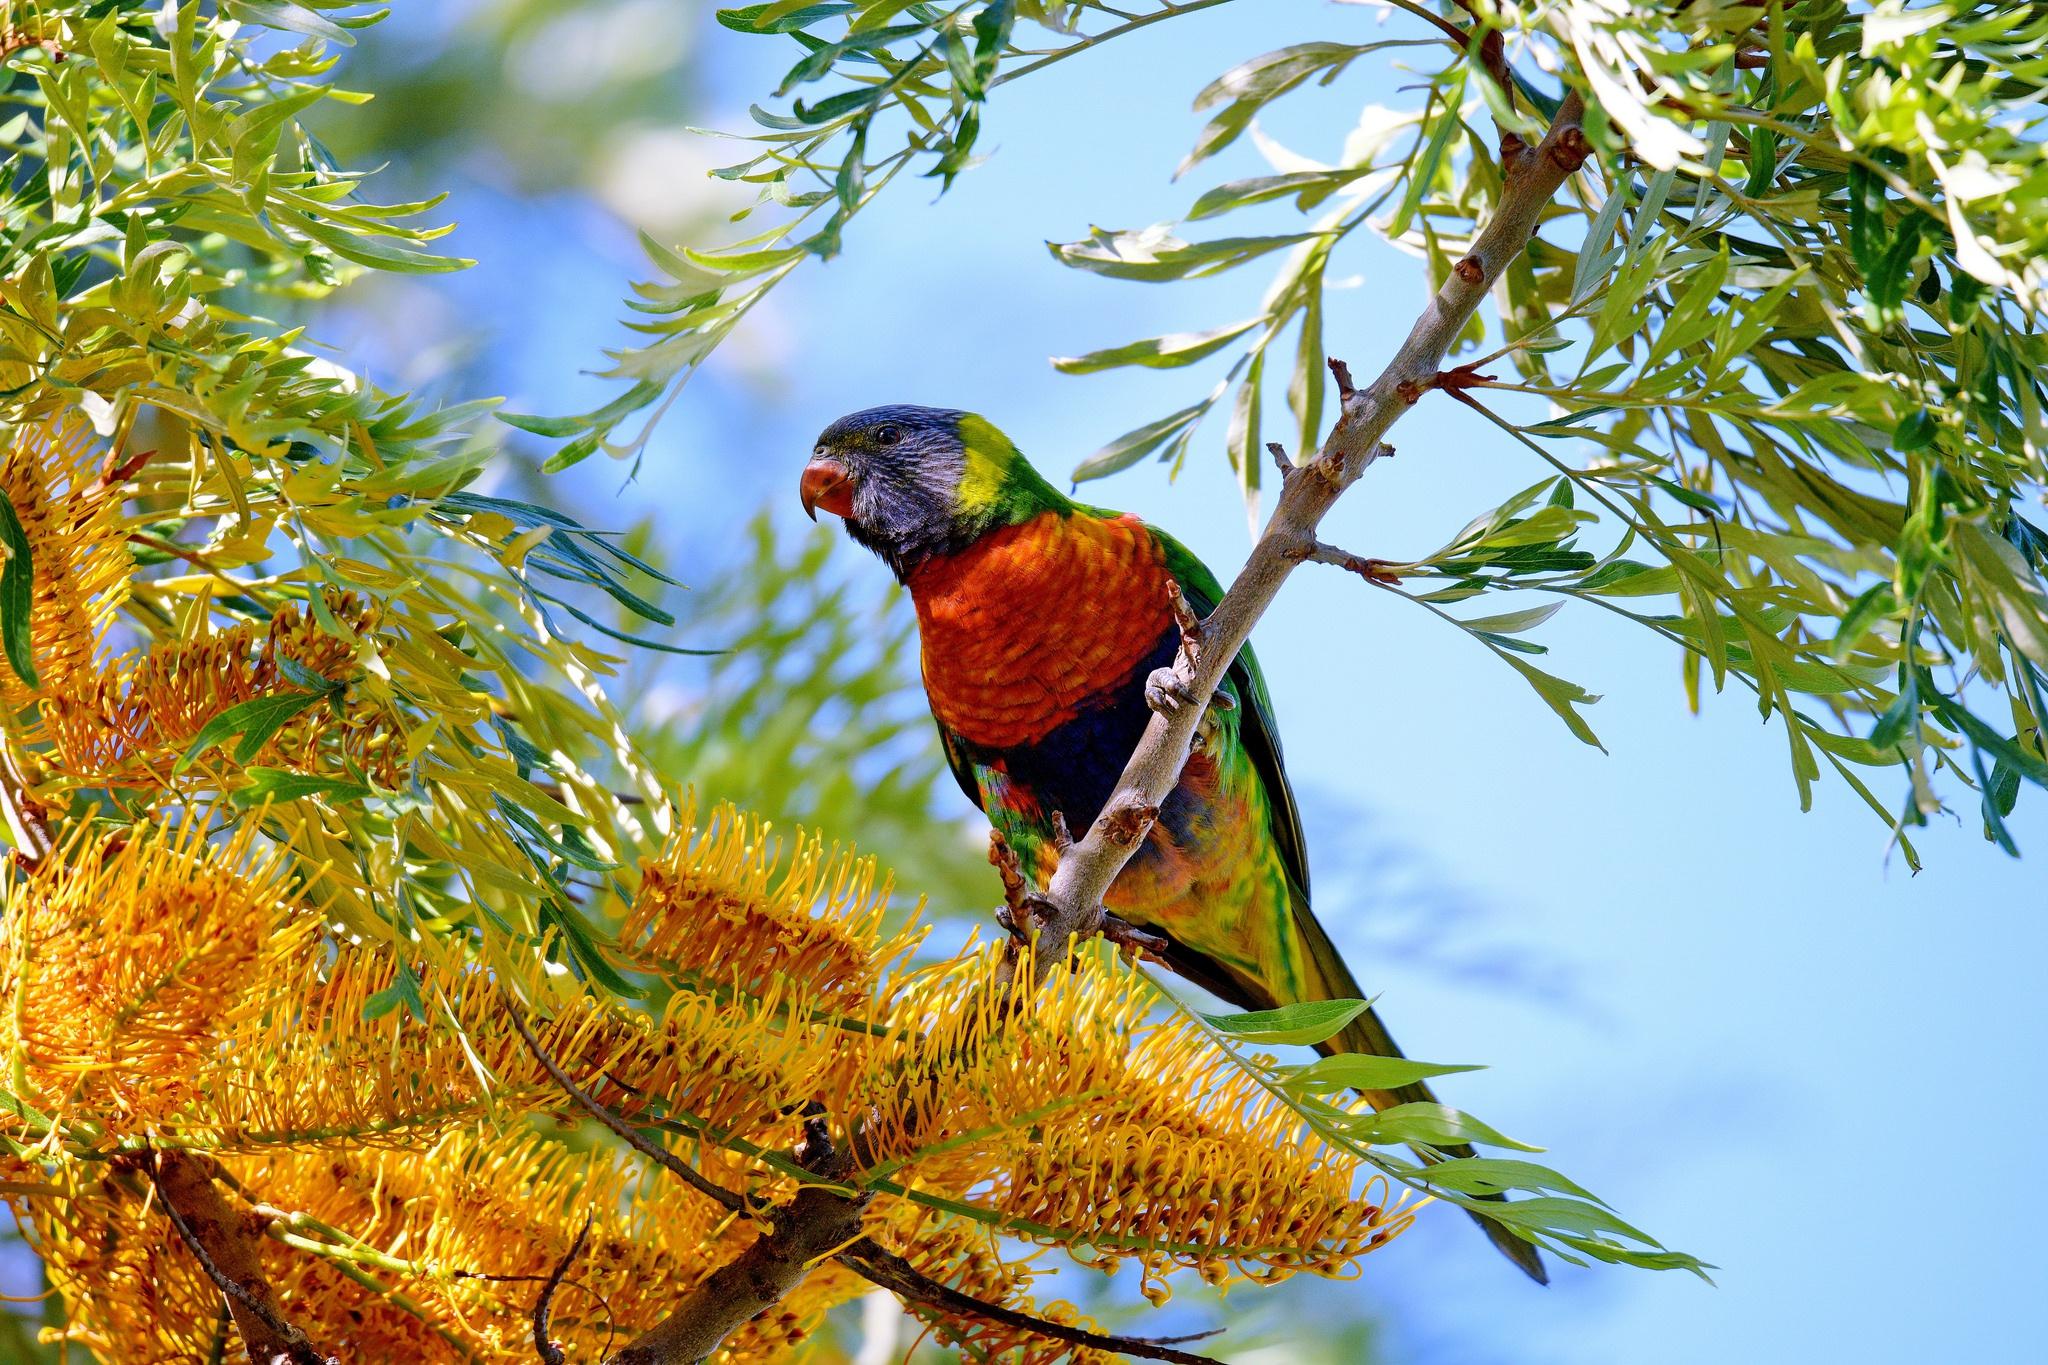 Картинка разные птицы на дереве